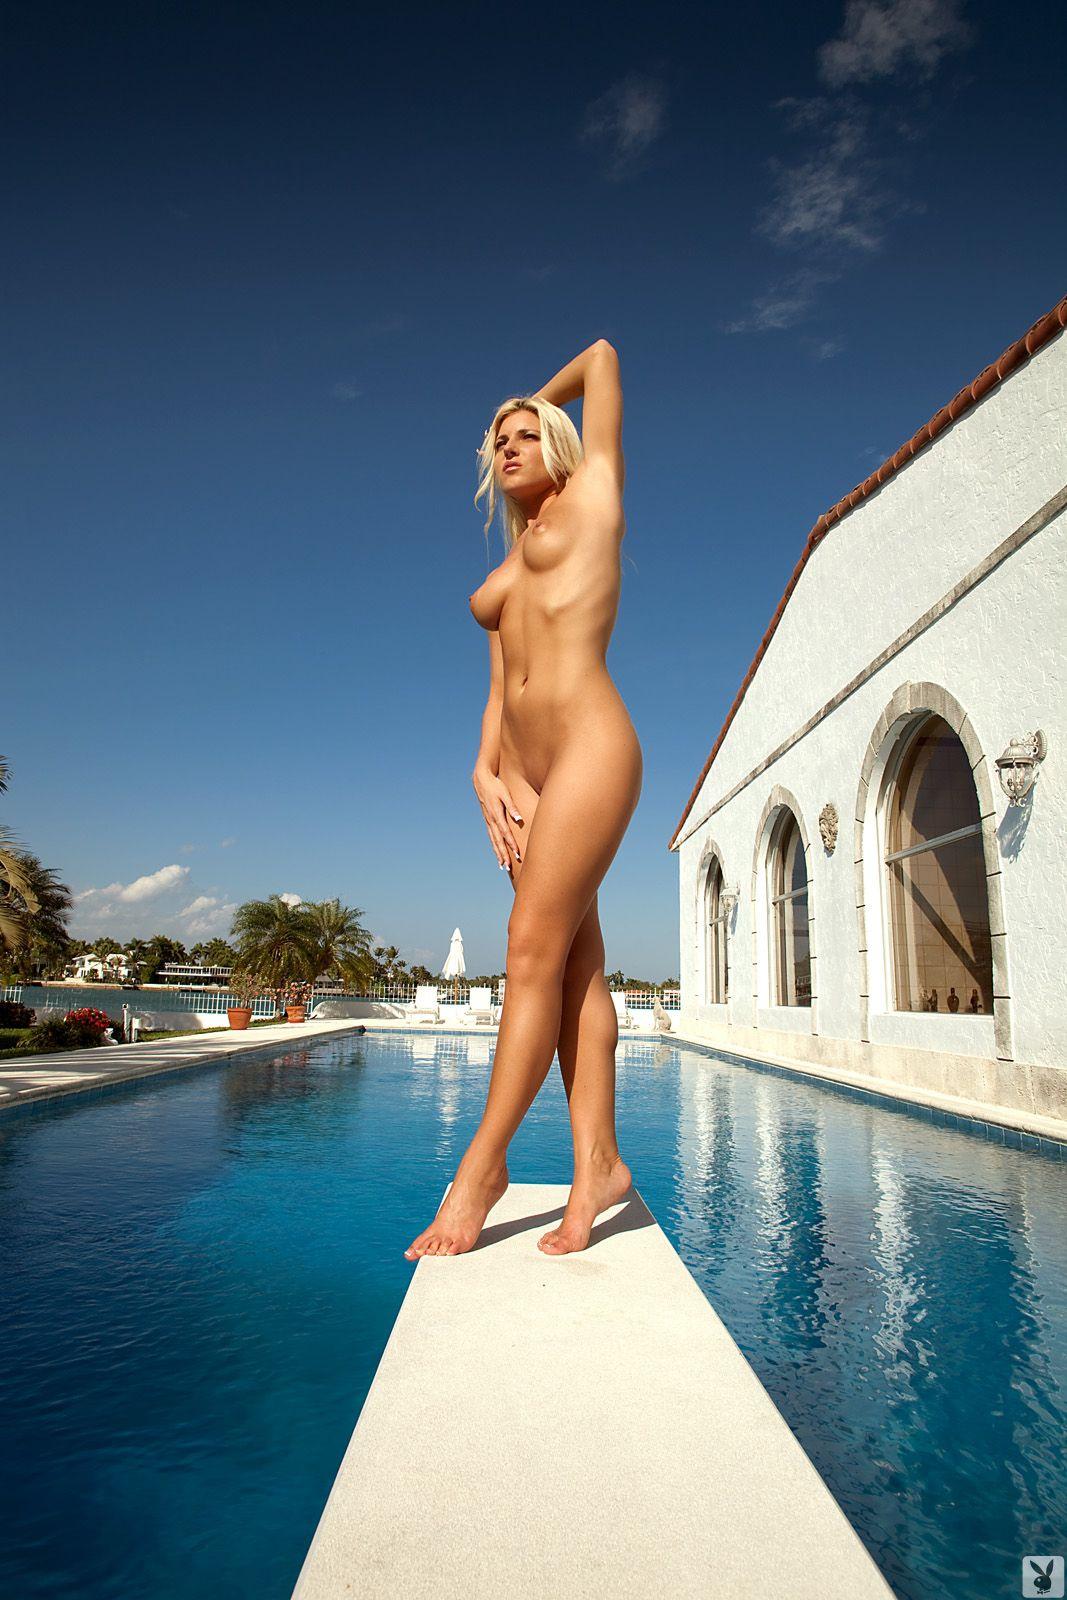 Секси у бассейна 7 фотография